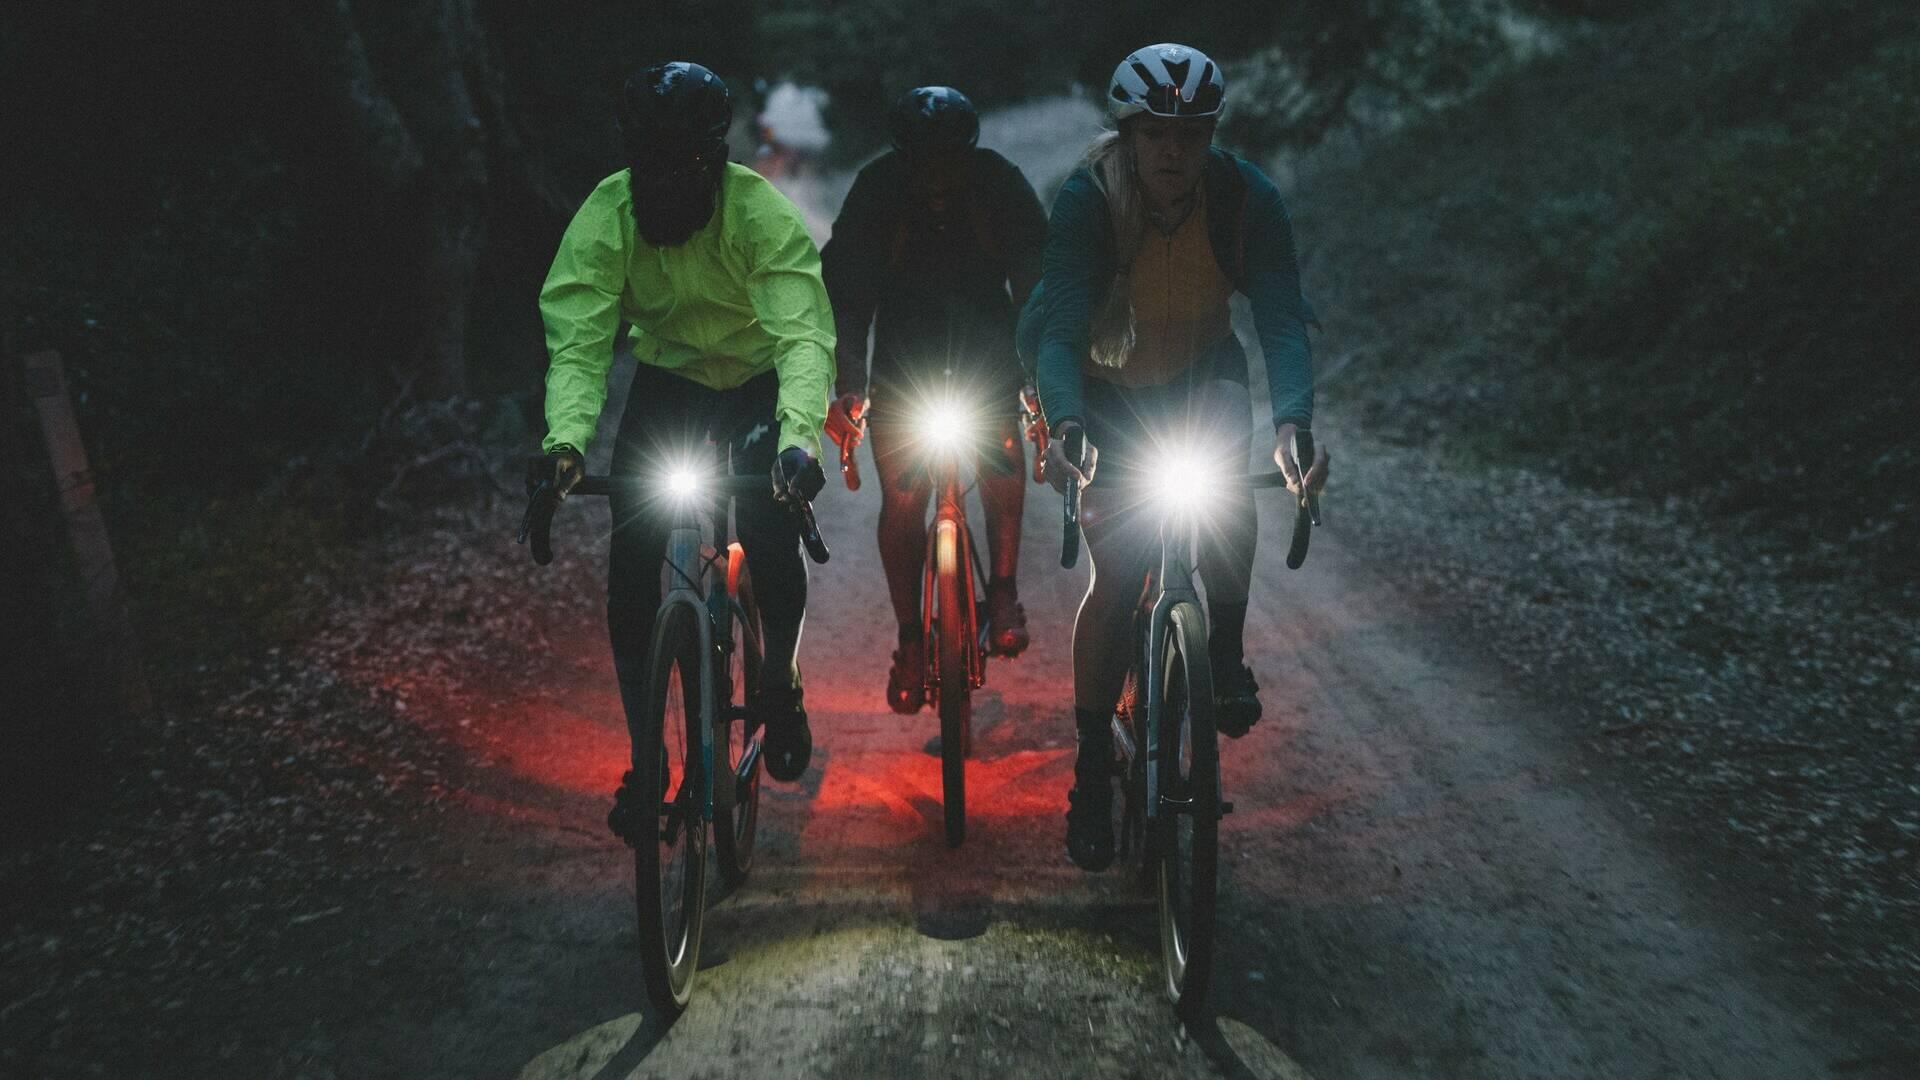 Sortie de 3 cyclistes de nuit en gravel